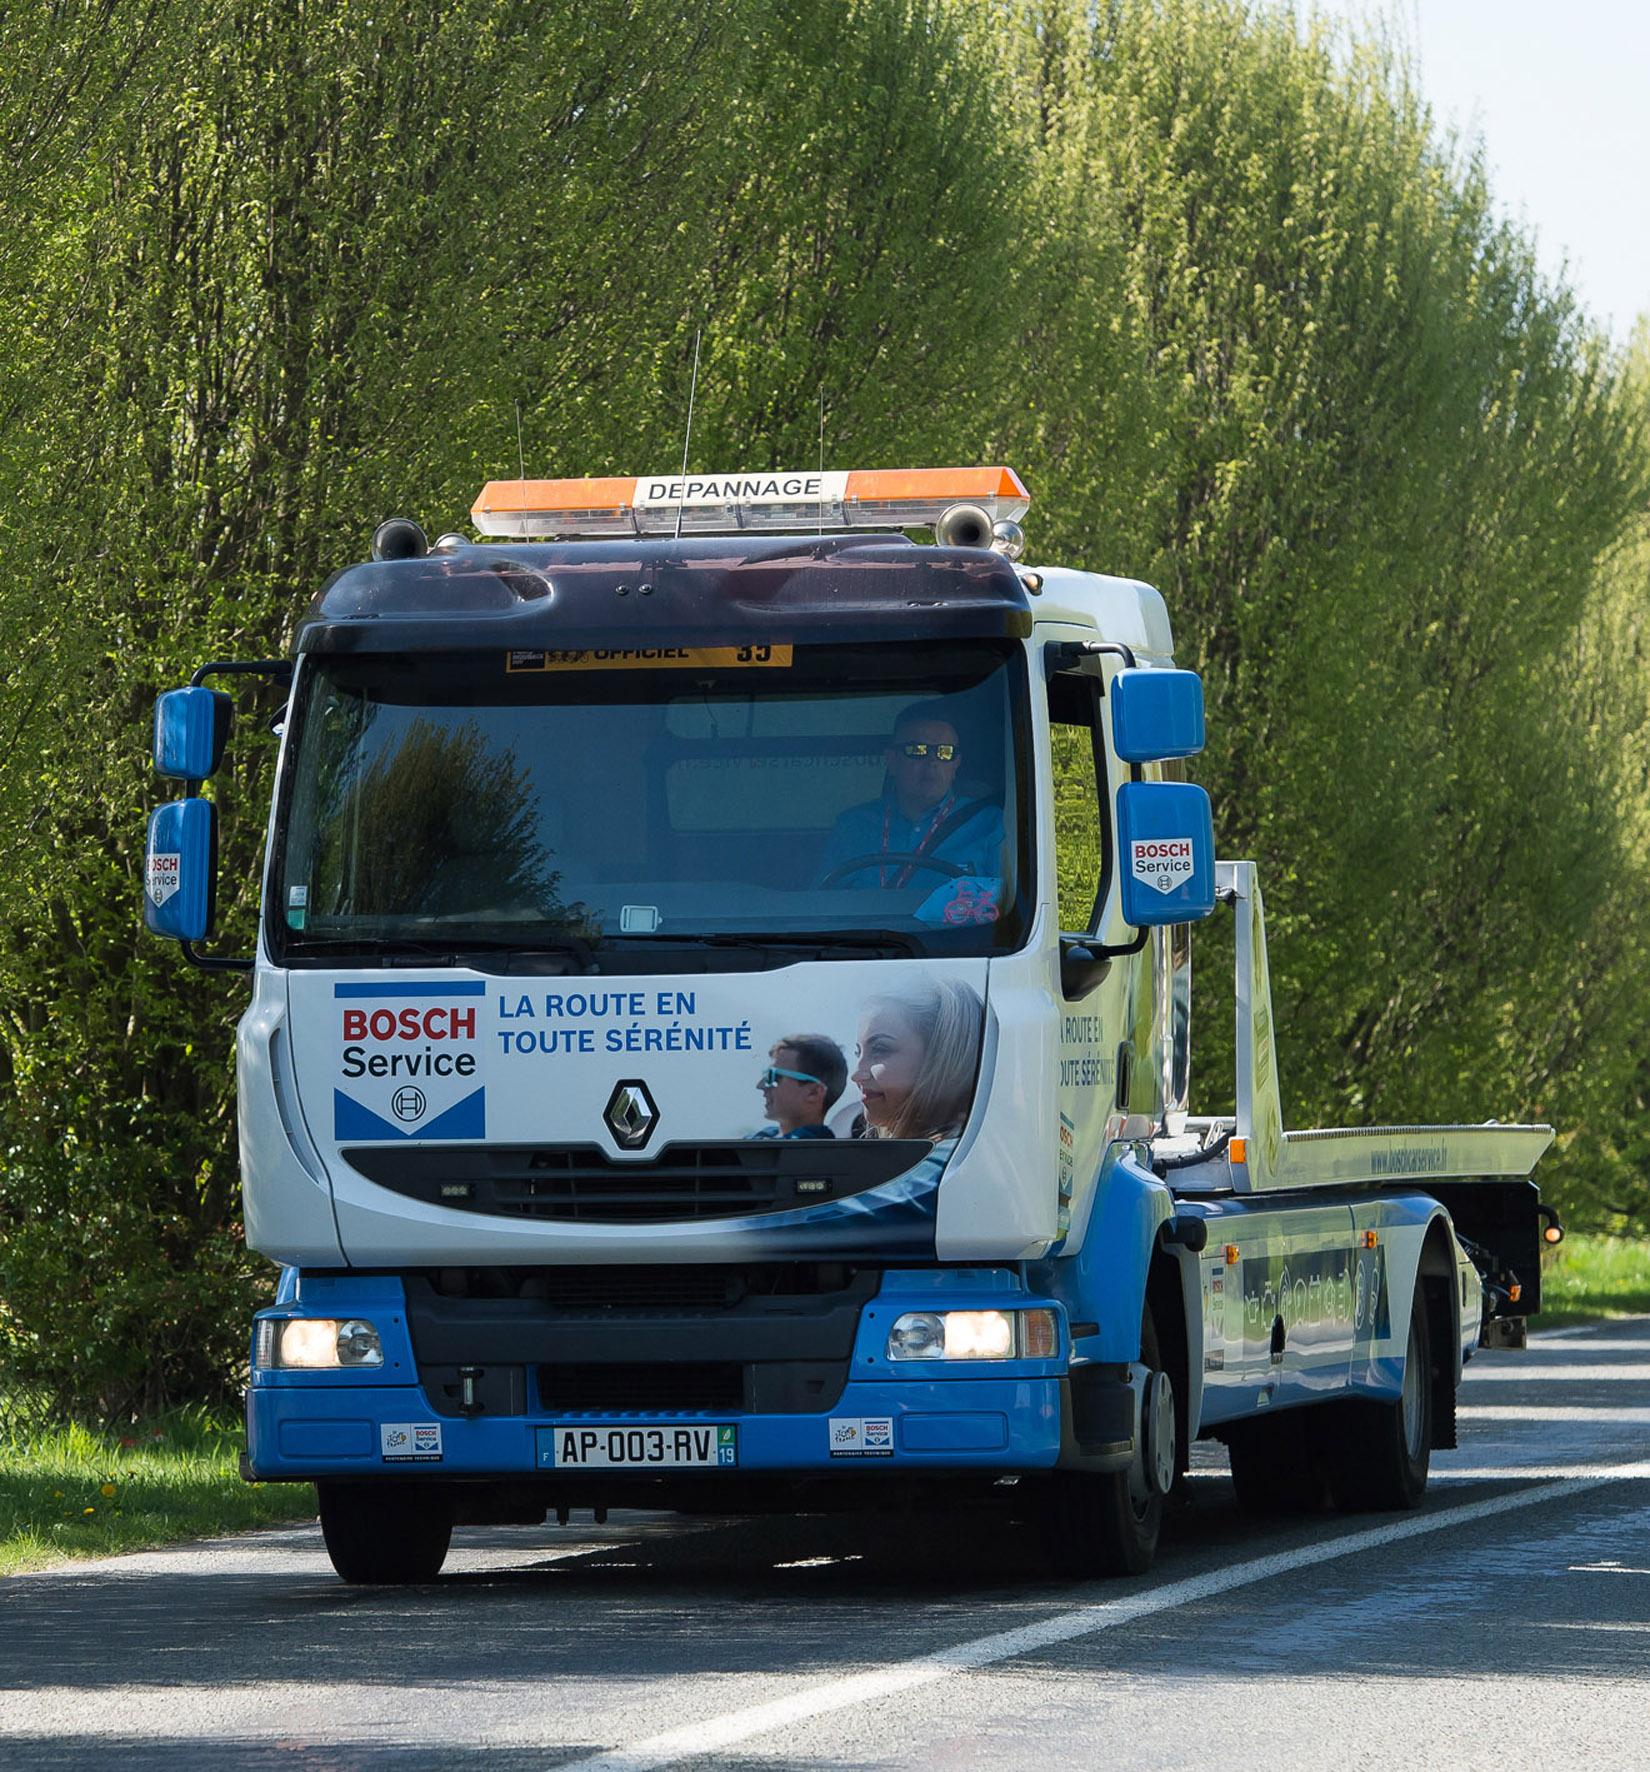 La d panneuse bosch car service au tour de france 2017 - Depanneuse cars ...